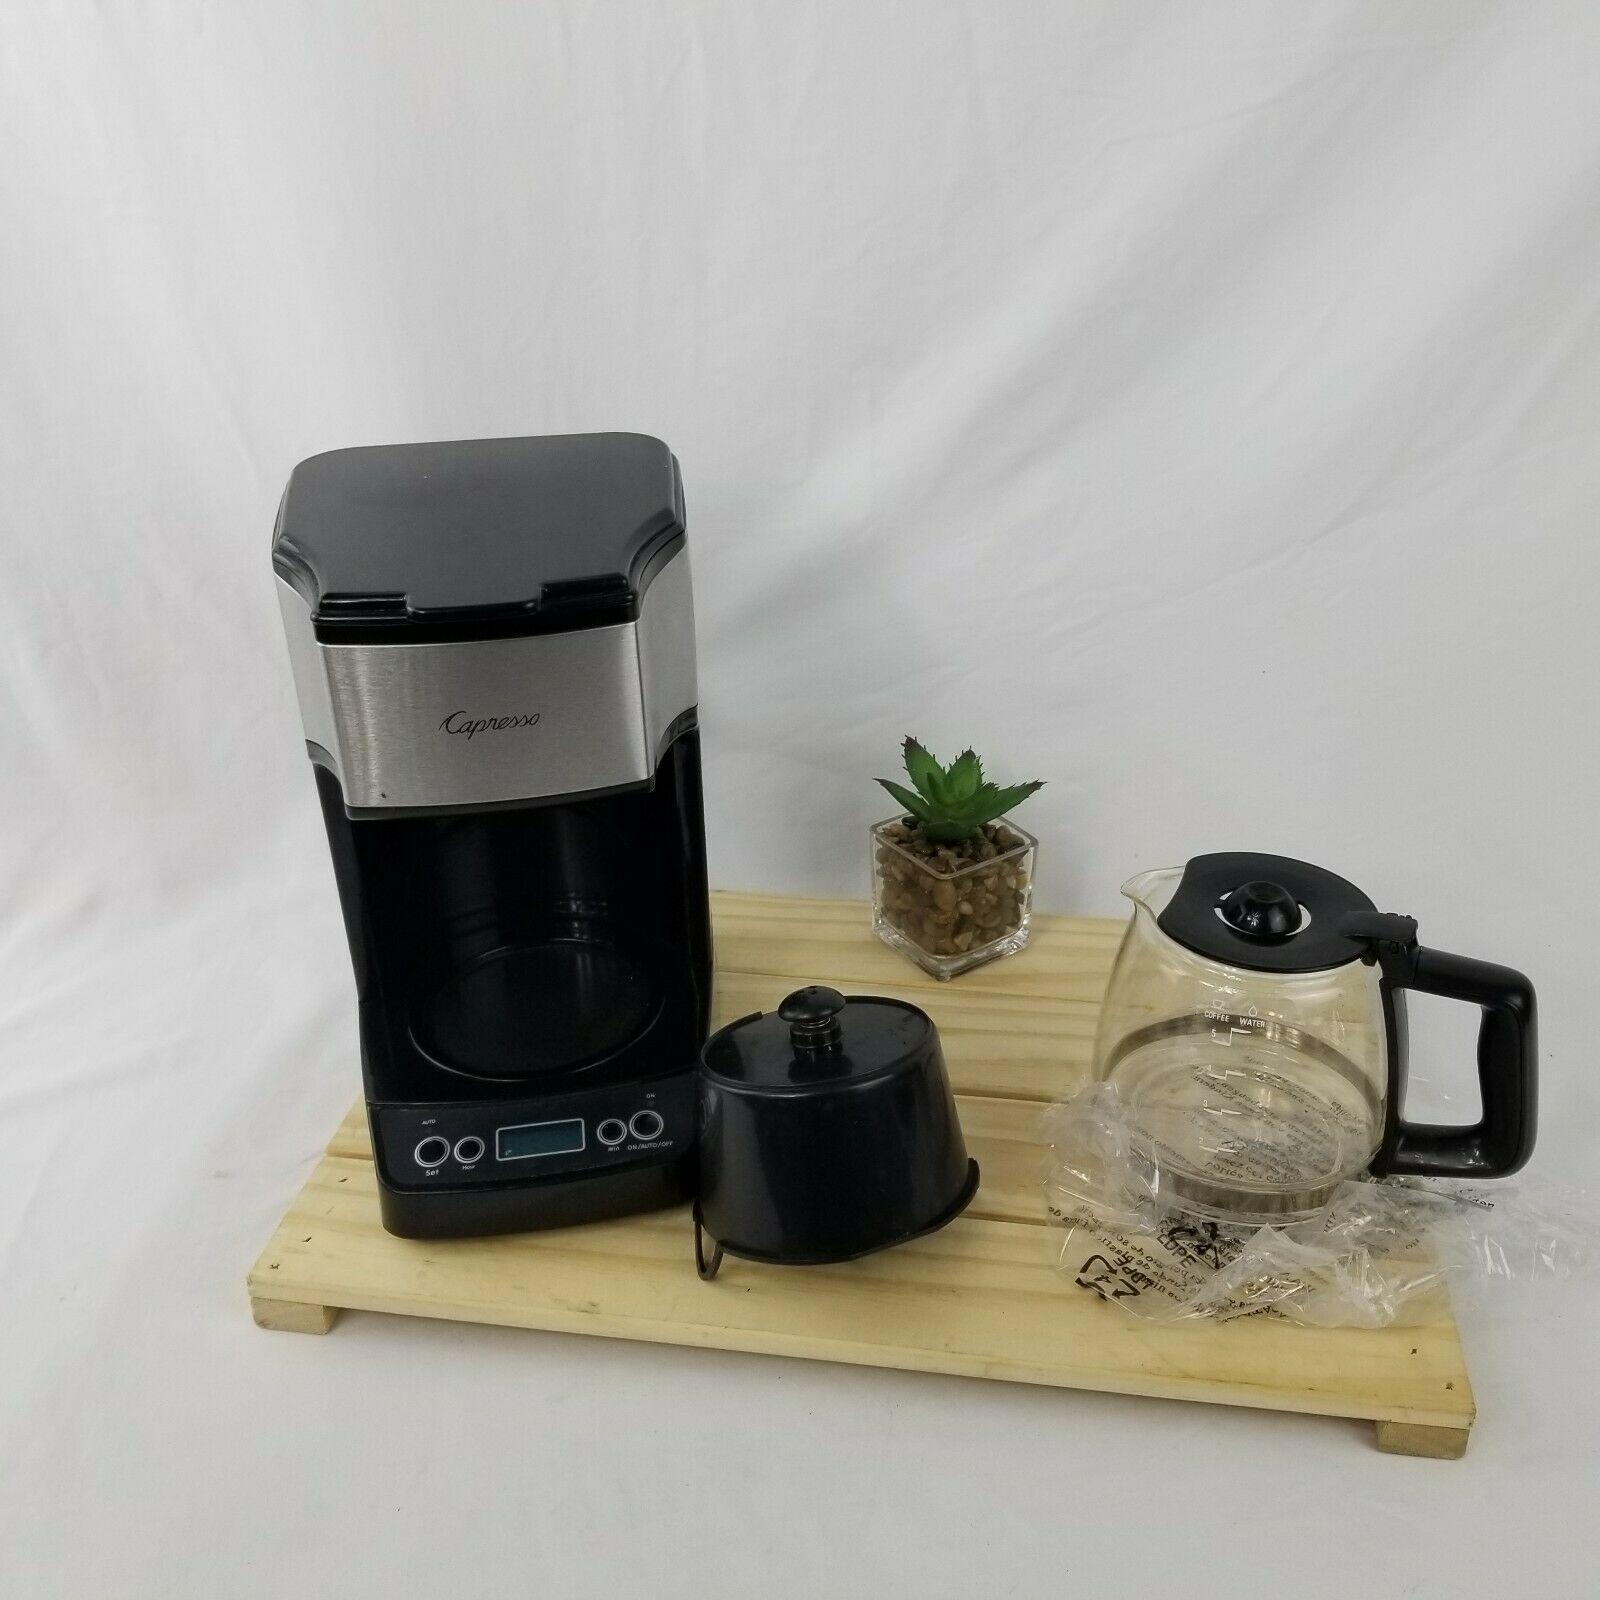 Capresso Mini Drip 5 Cup Personal Coffee Maker Machine New No Box Model 426 In 2020 Coffee Maker Machine Cuisinart Coffee Maker Single Cup Coffee Maker